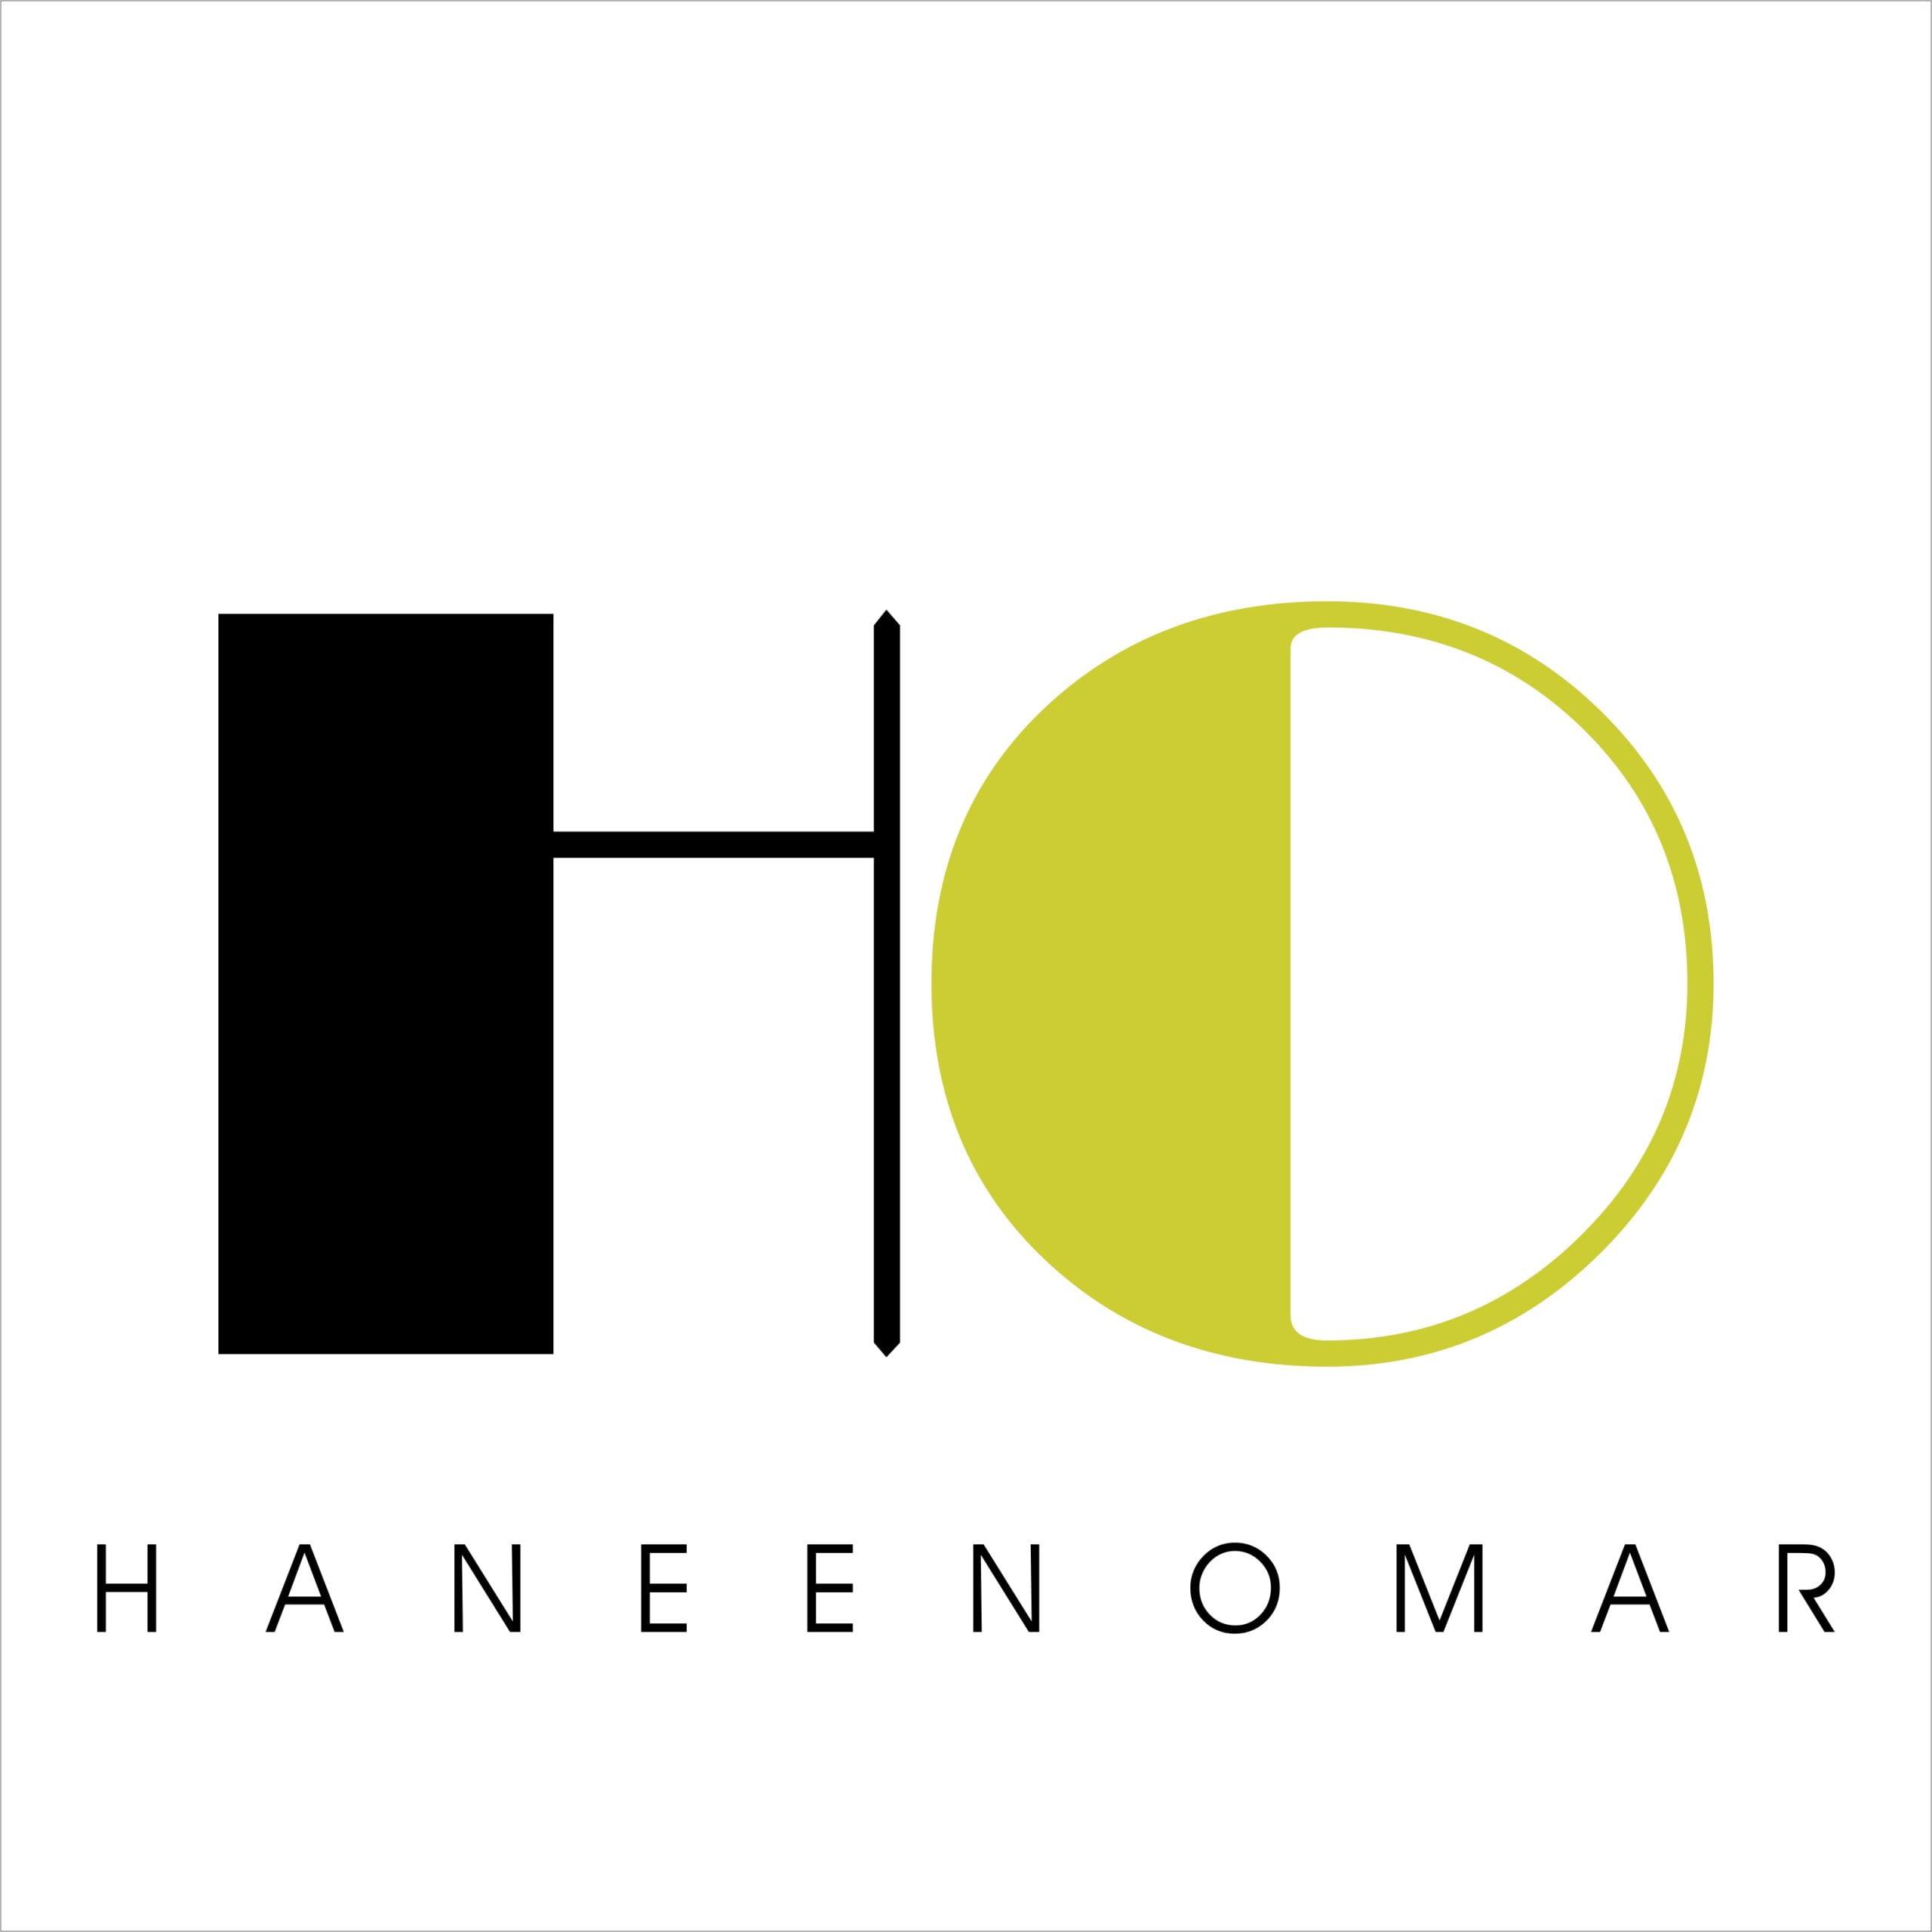 الموقع الرسمي للمعمارية حنين عمر